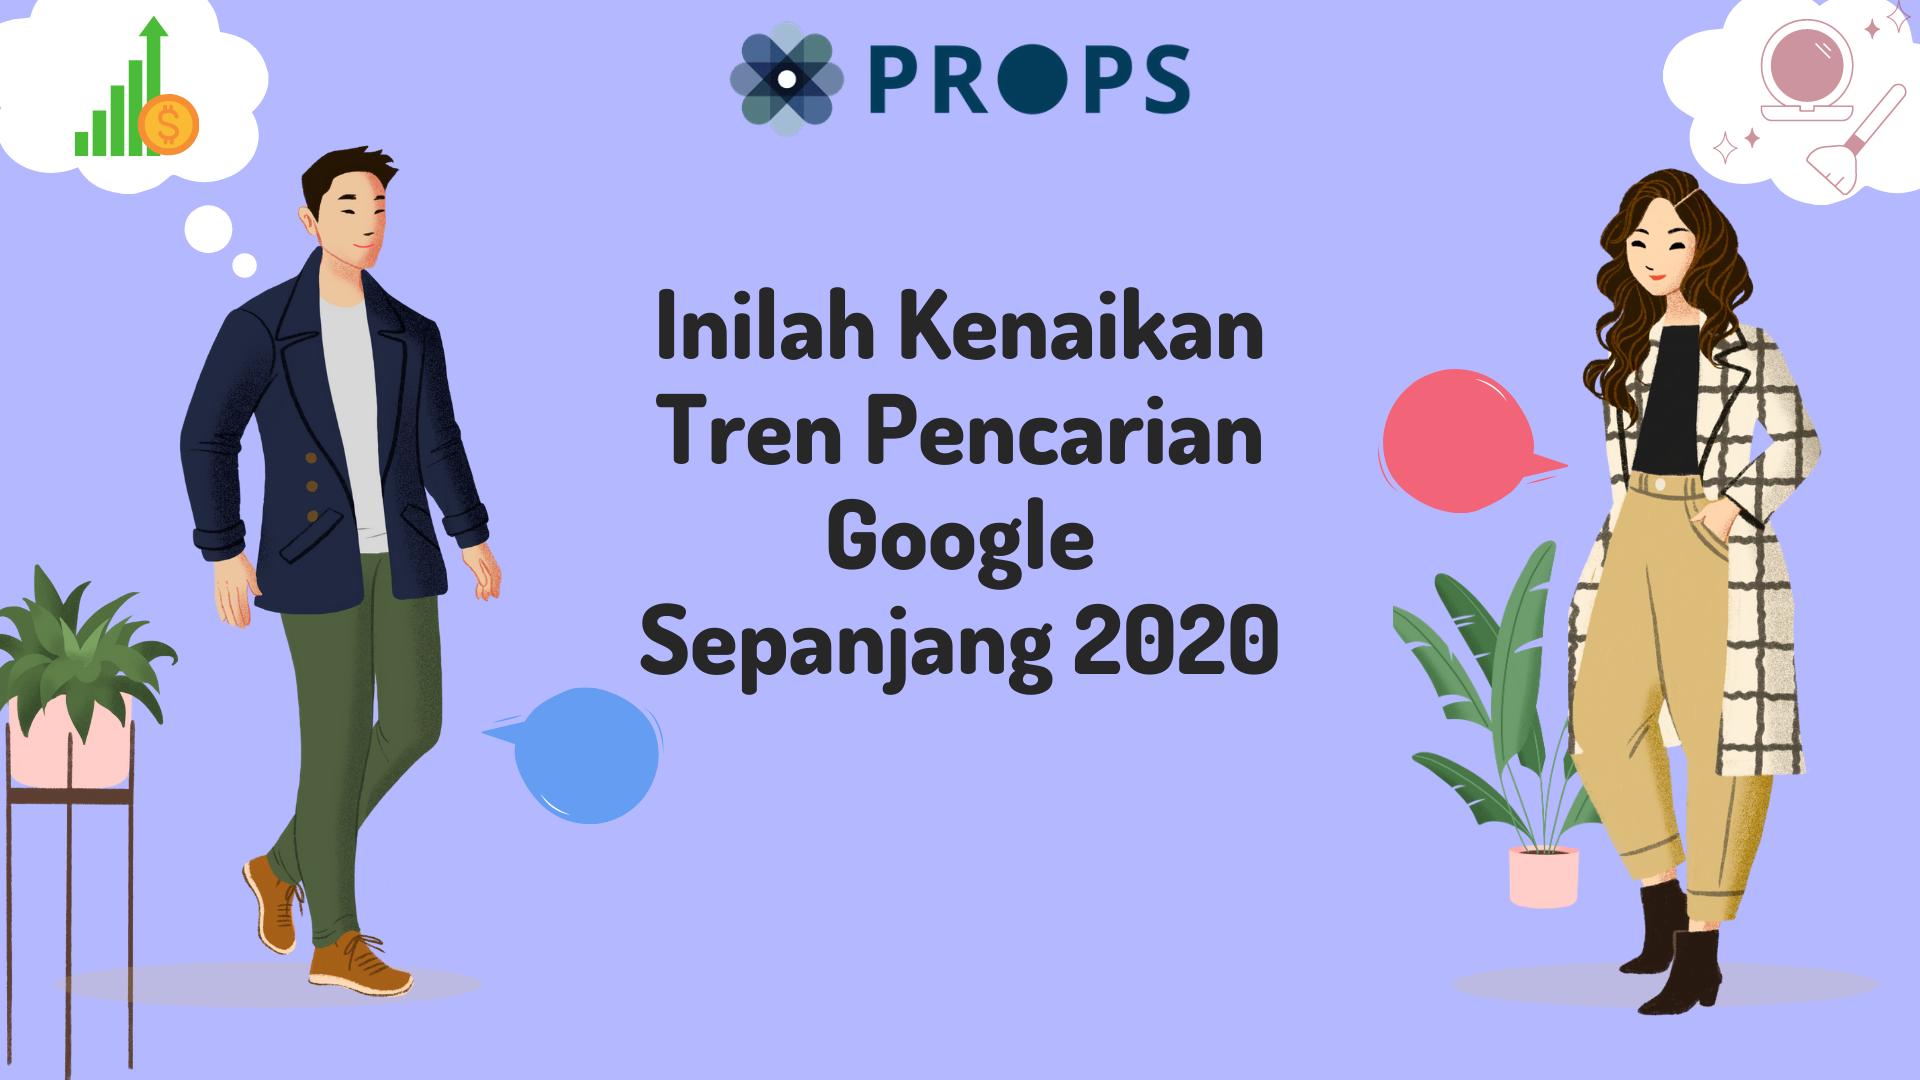 Inilah Kenaikan Tren Pencarian Google Sepanjang 2020